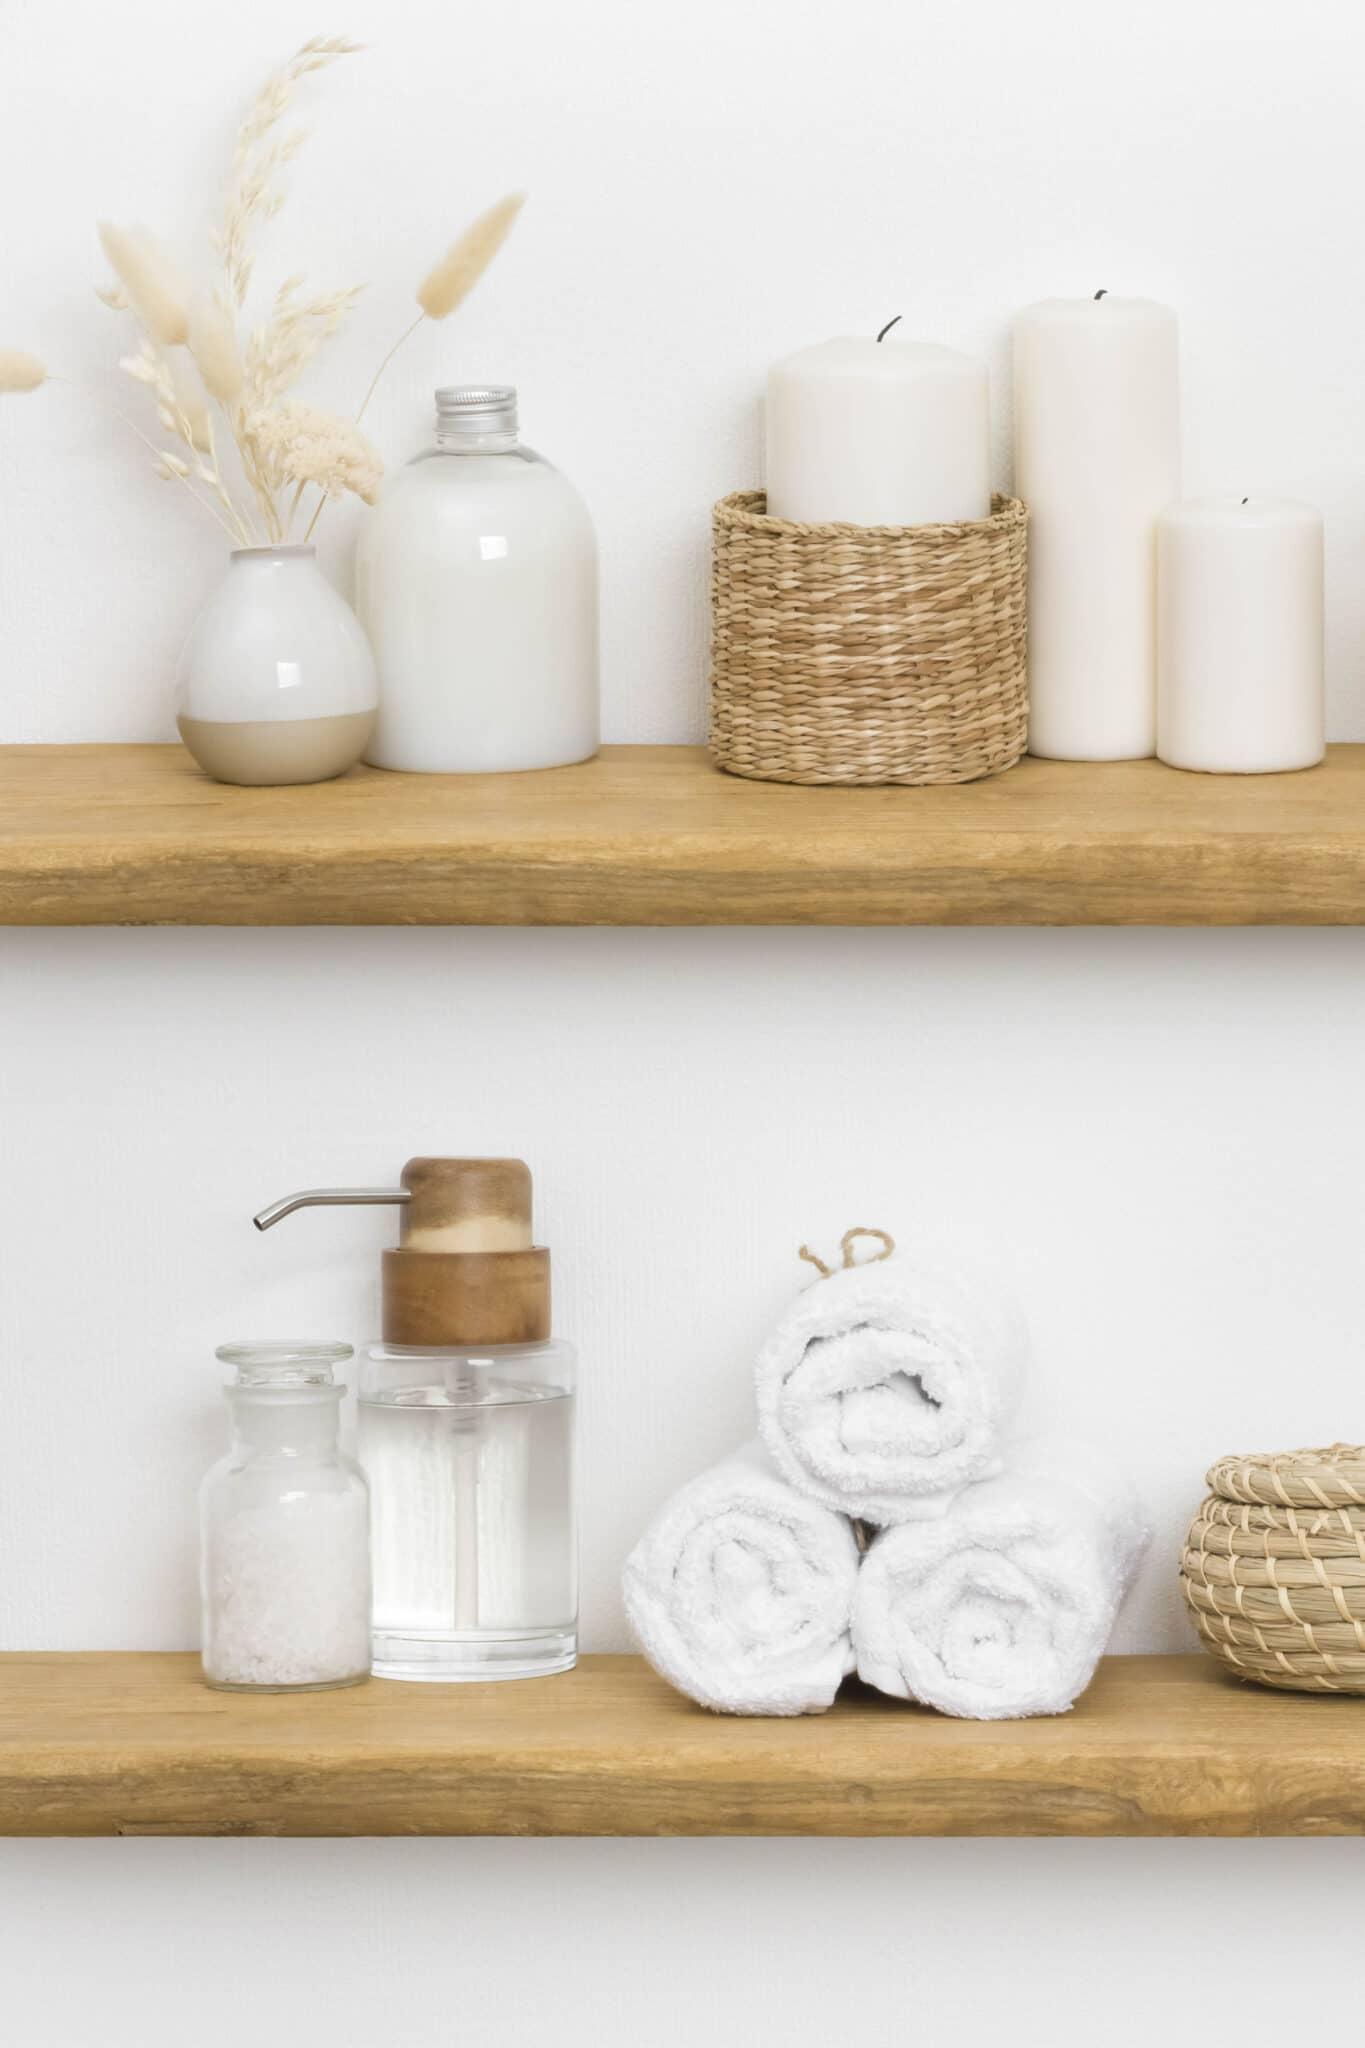 Étagères flottantes en bois utilisées comme petite idée de rangement pour la salle de bain.